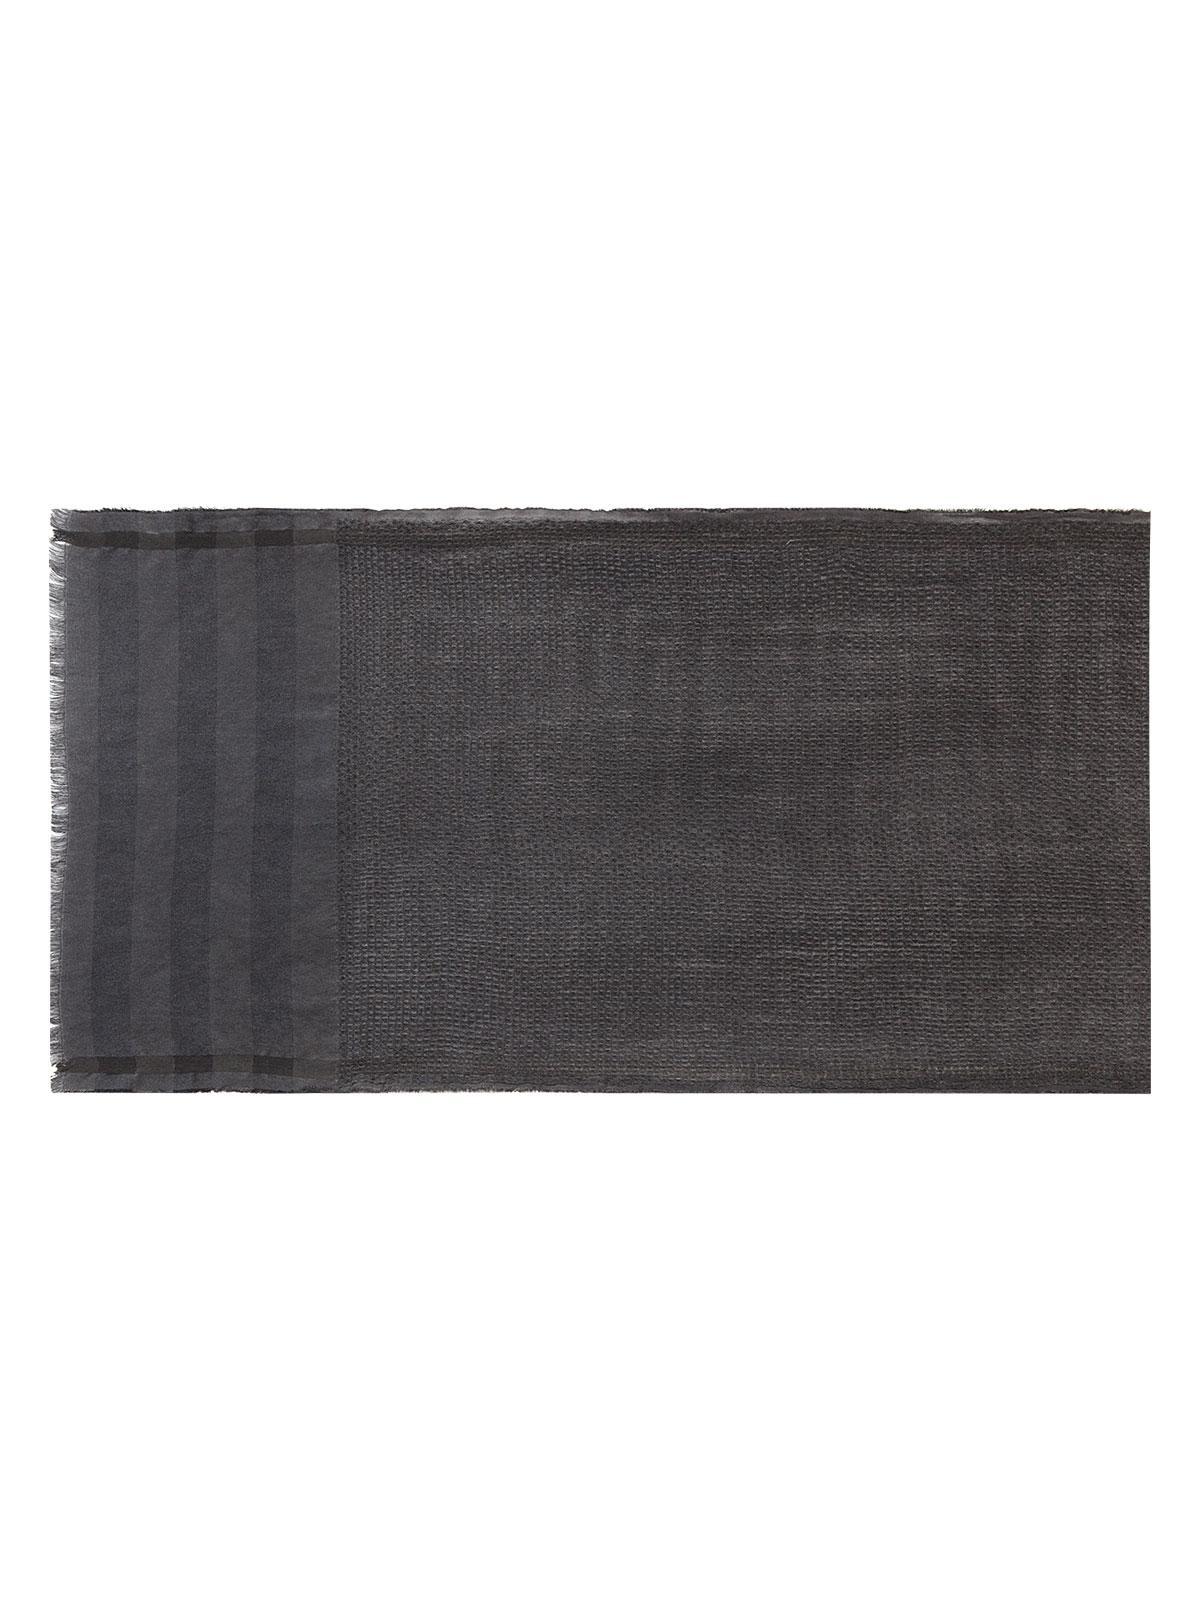 Шарф Eleganzza Палантин из шерсти и хлопка серого цвета